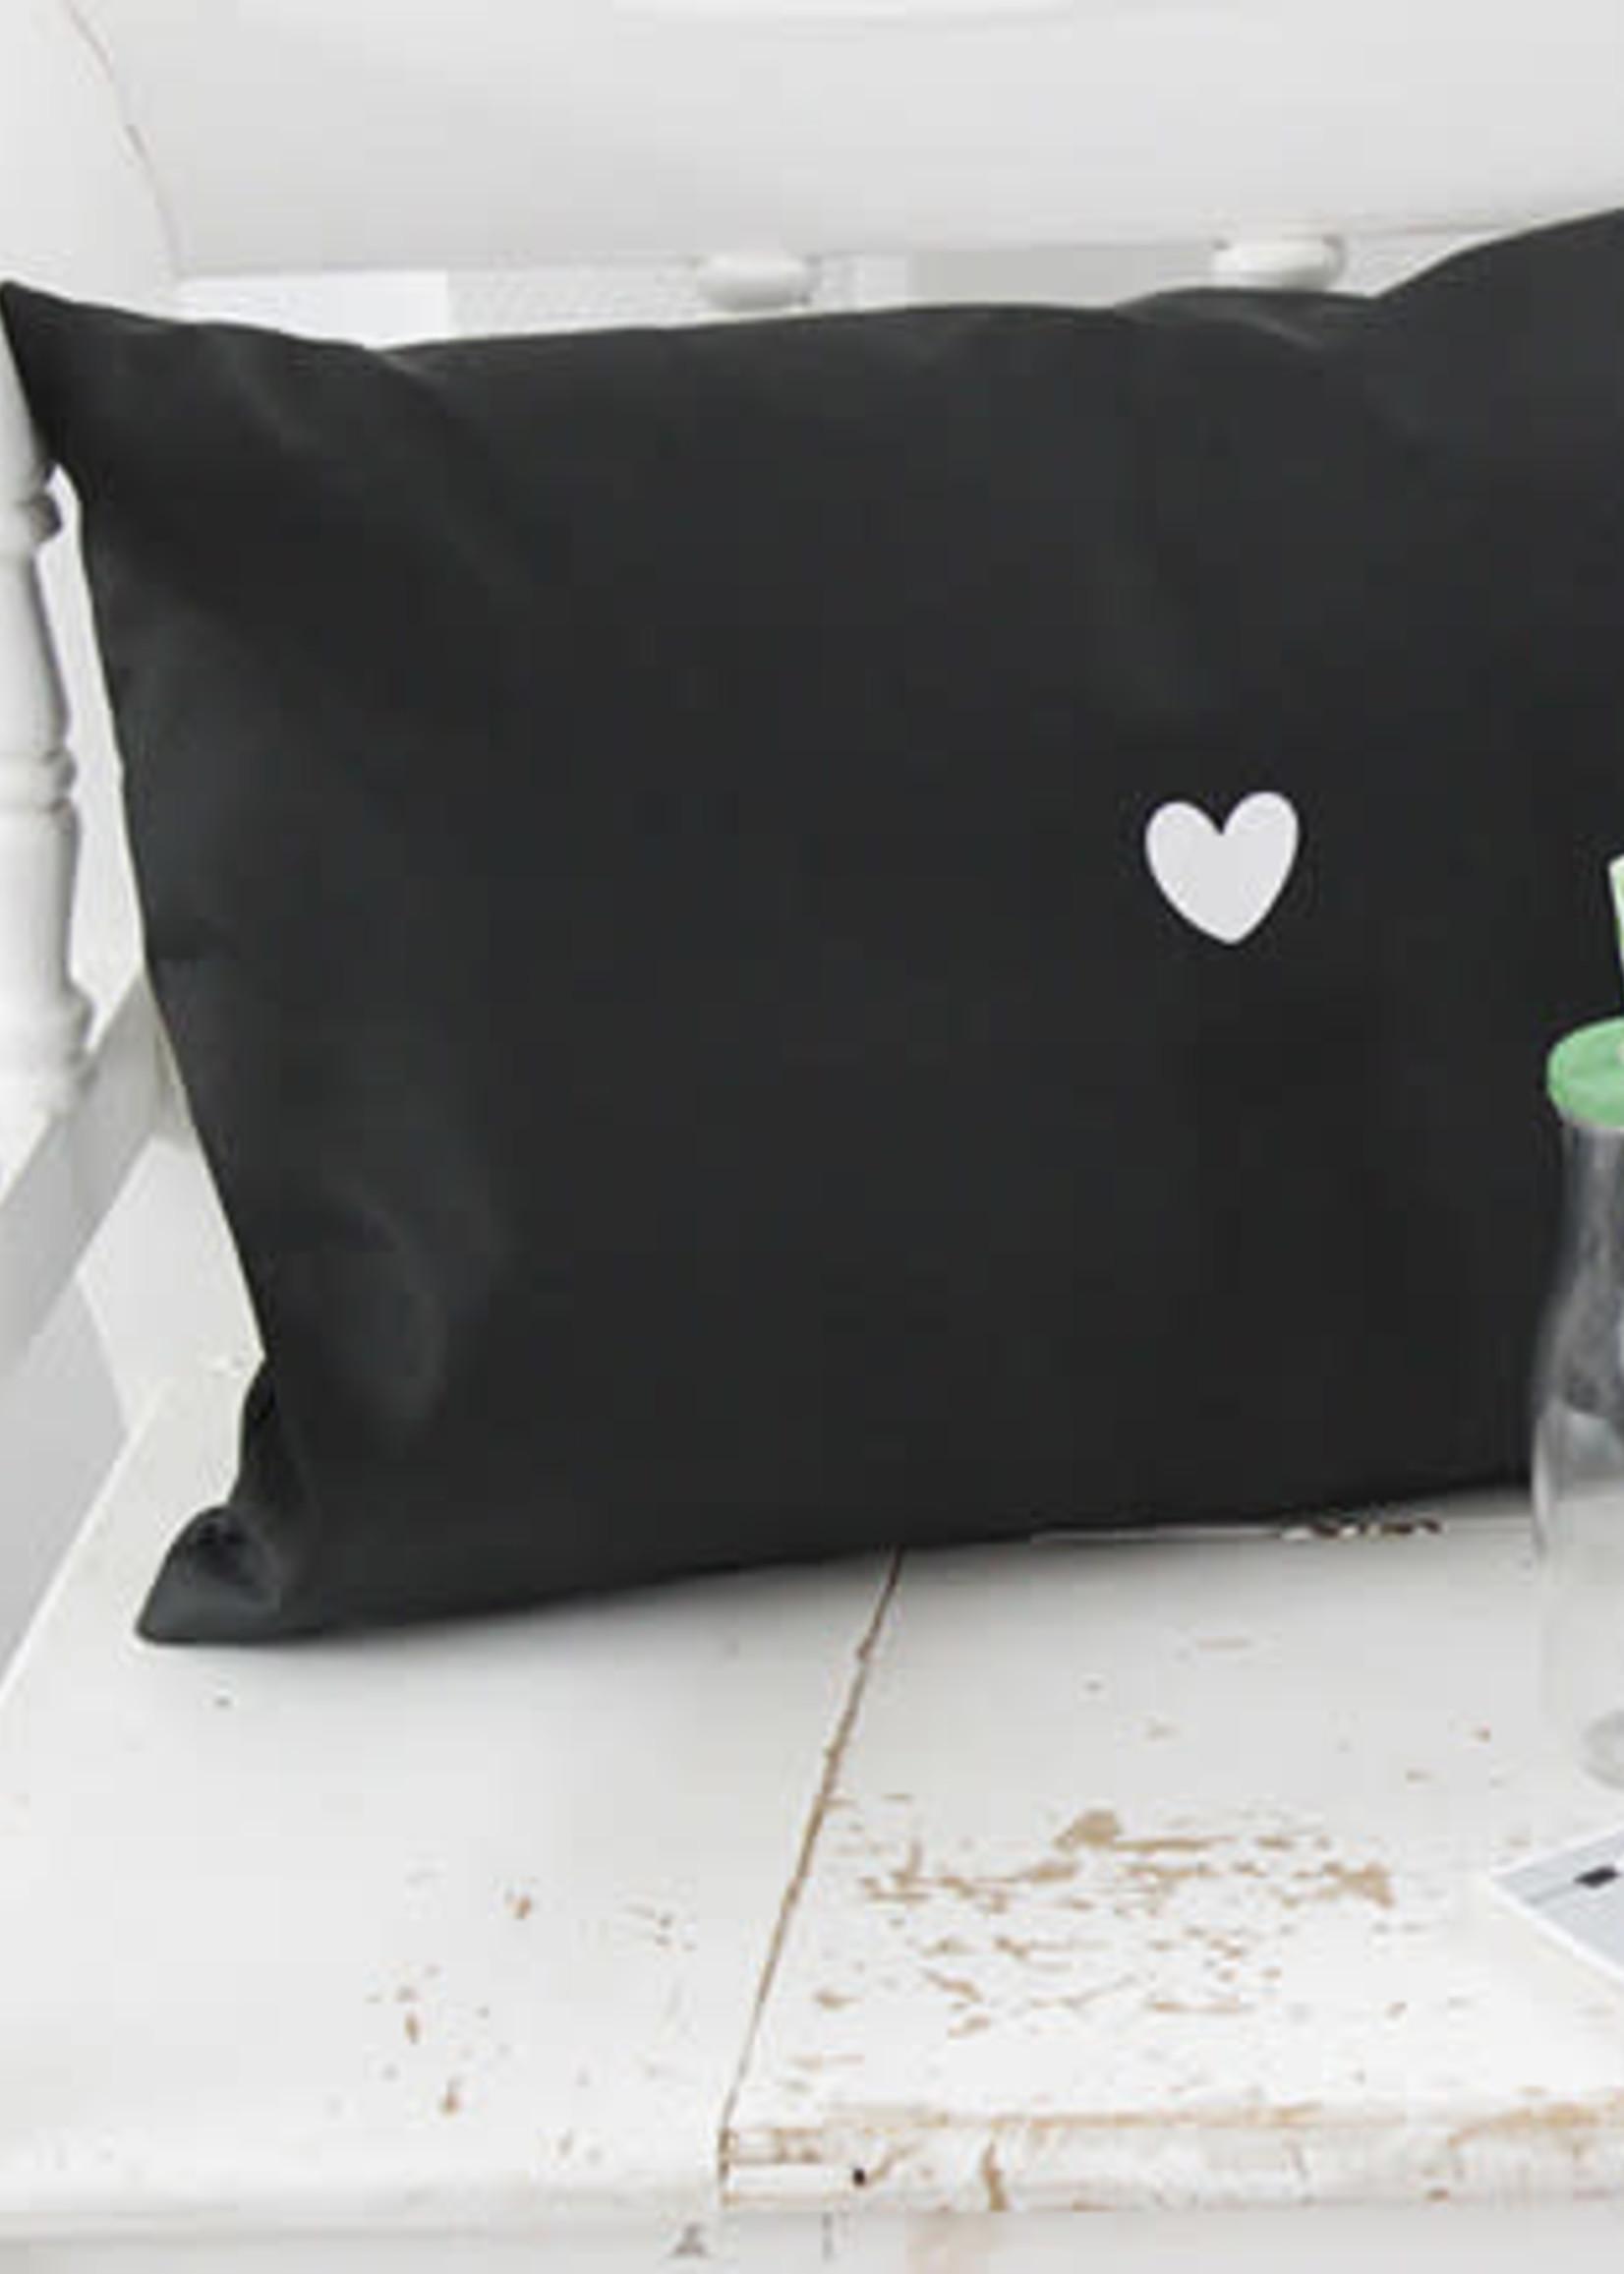 Outdoor kussen kl zwart, Druk op pauze  60x40cm